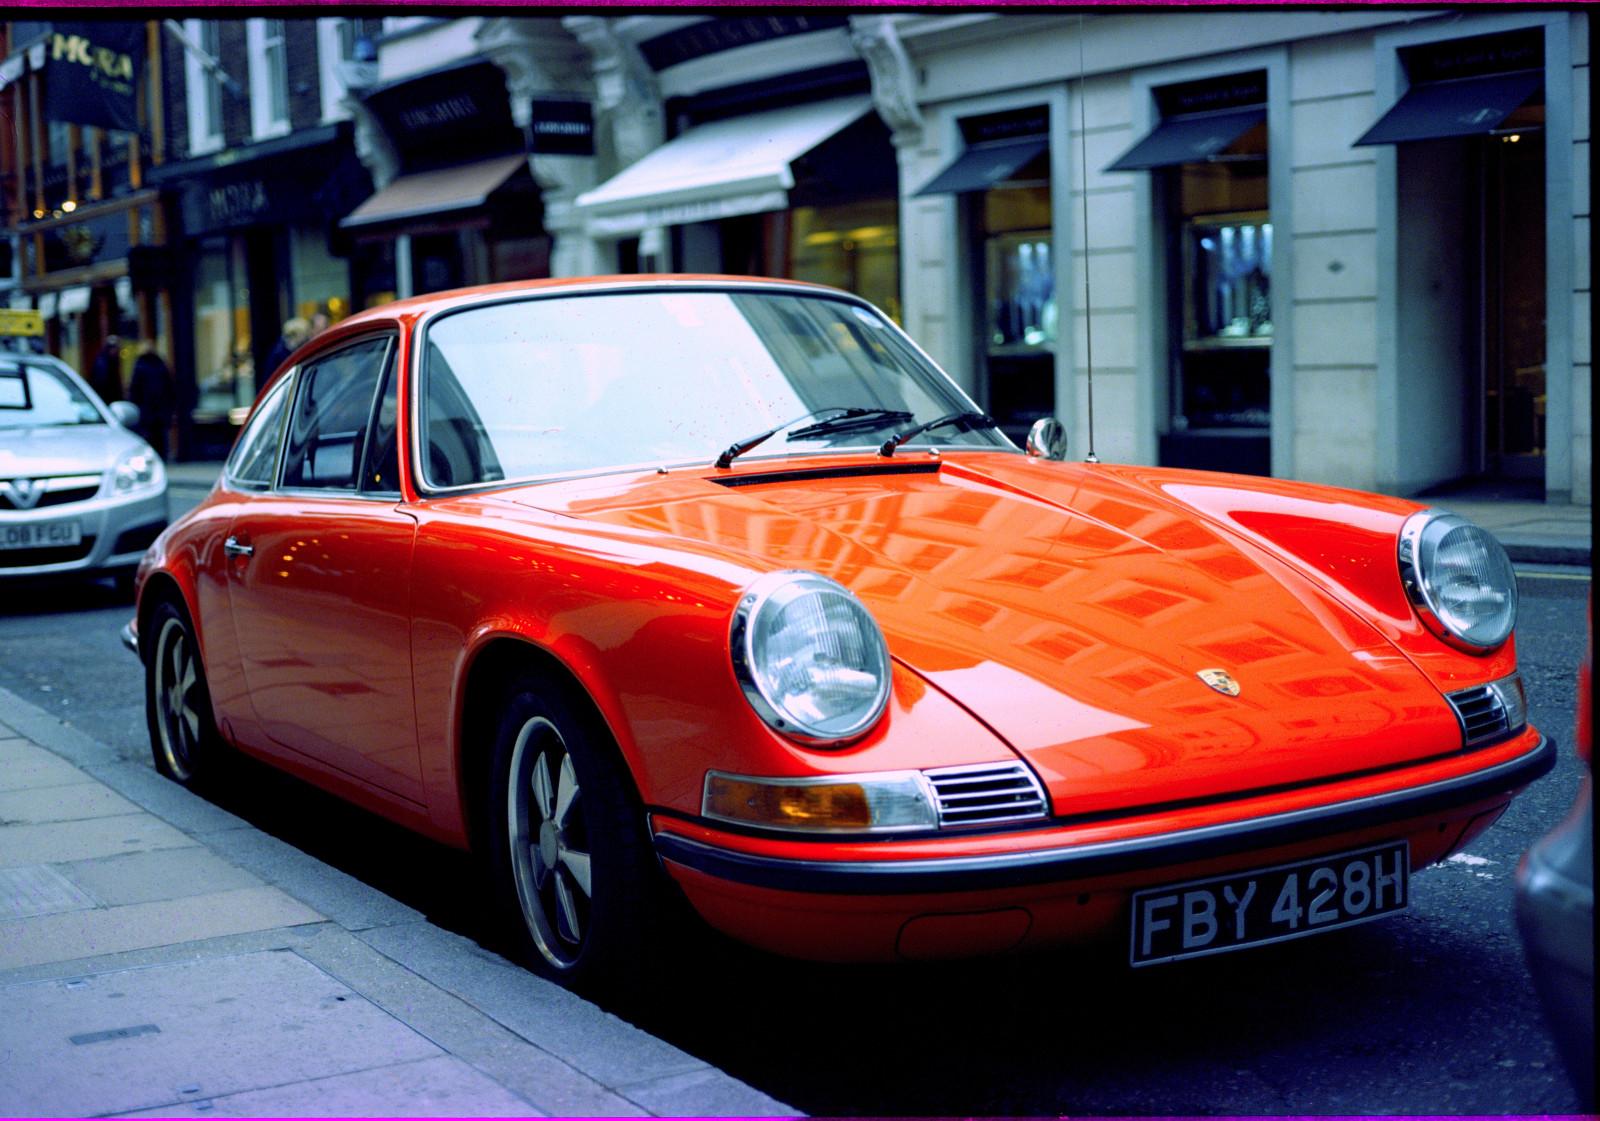 Entfernungsmesser Mit Rad : Hintergrundbilder : london auto fahrzeug orange porsche 911